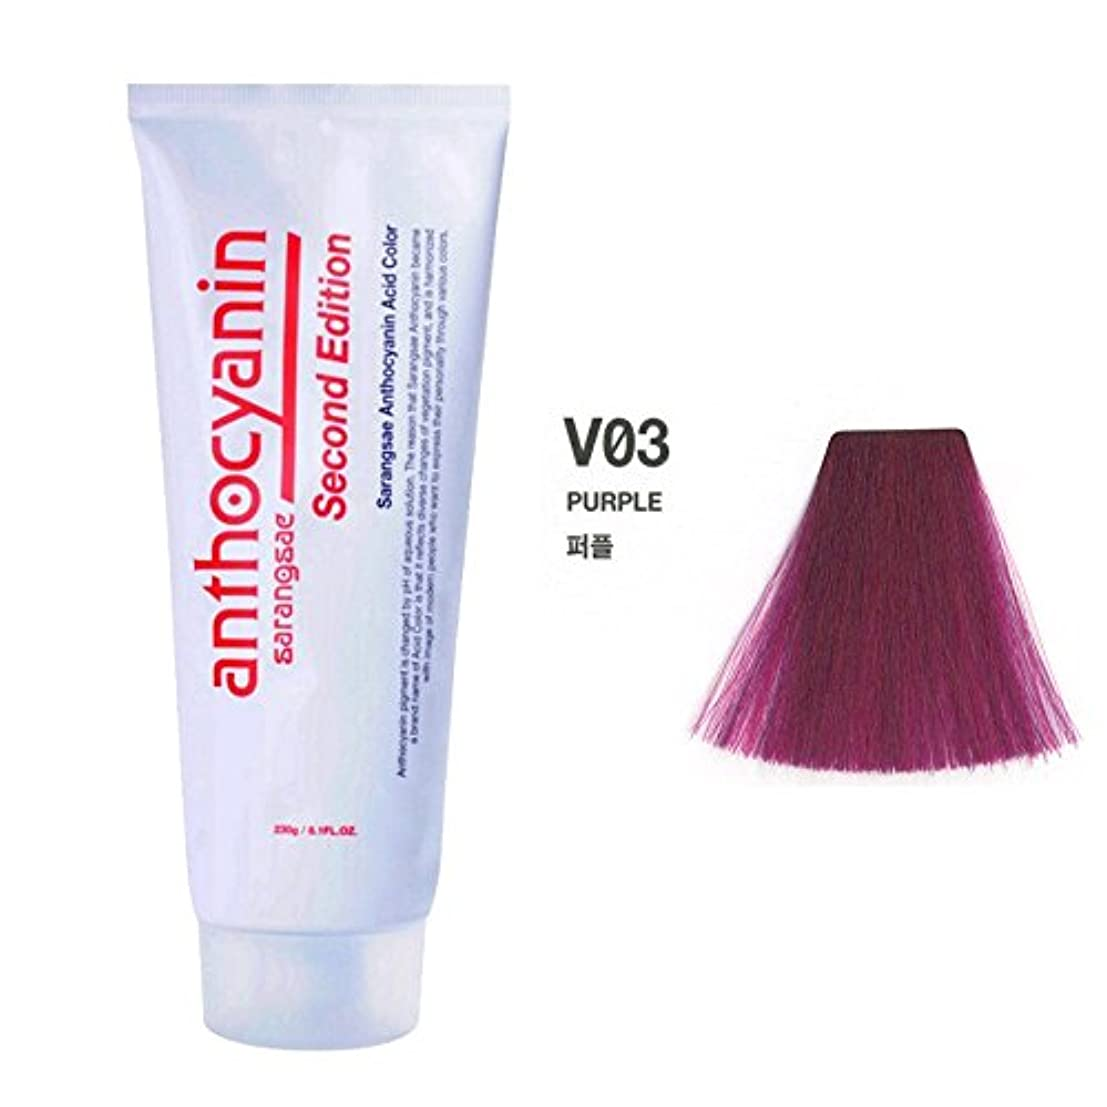 知恵ルネッサンス変化ヘア マニキュア カラー セカンド エディション 230g セミ パーマネント 染毛剤 ( Hair Manicure Color Second Edition 230g Semi Permanent Hair Dye) [並行輸入品] (V03 Purple)